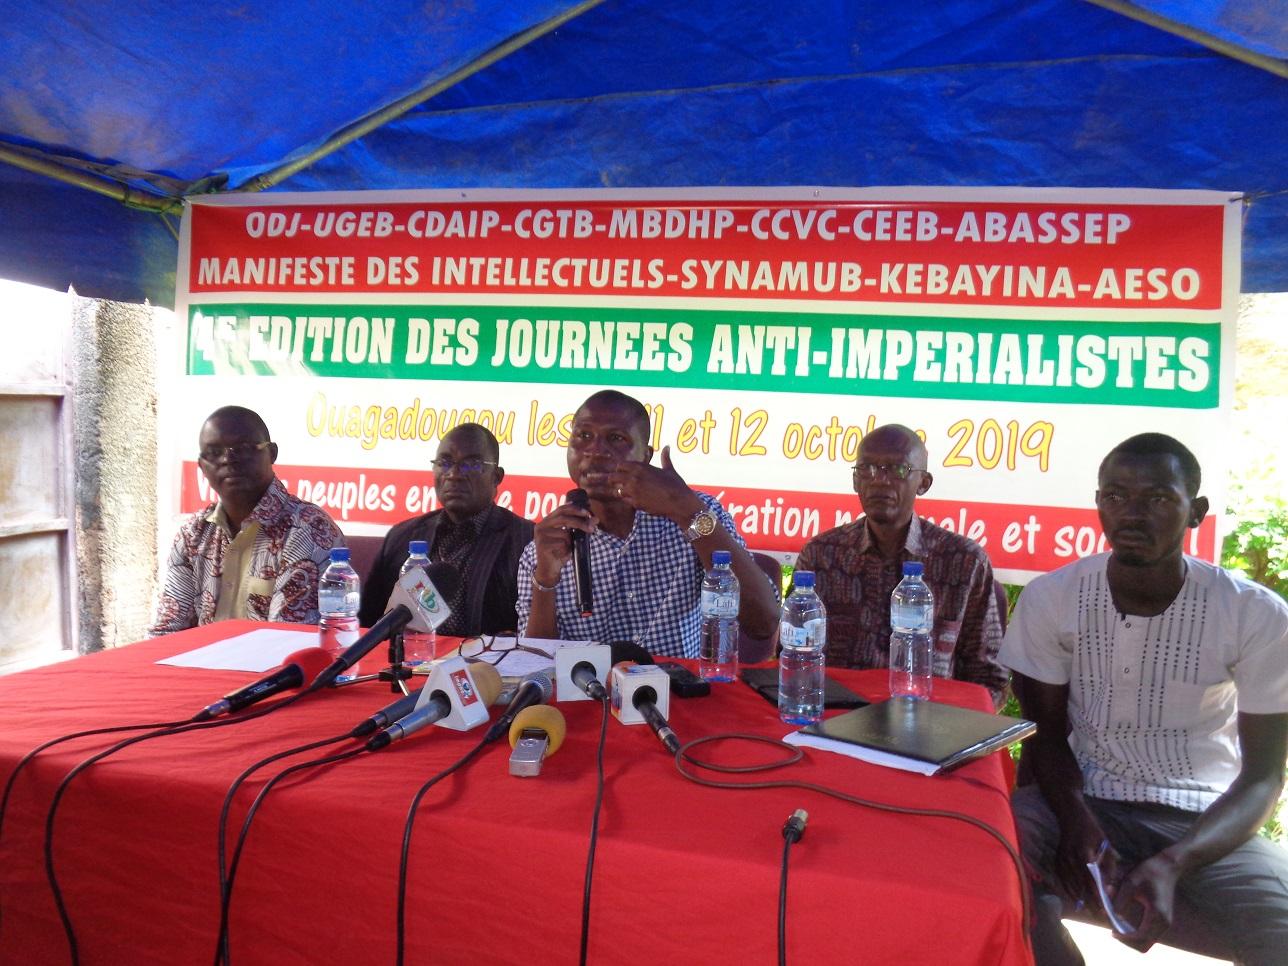 Journées anti-impérialistes: Conscientiser les populations sur la domination du continent